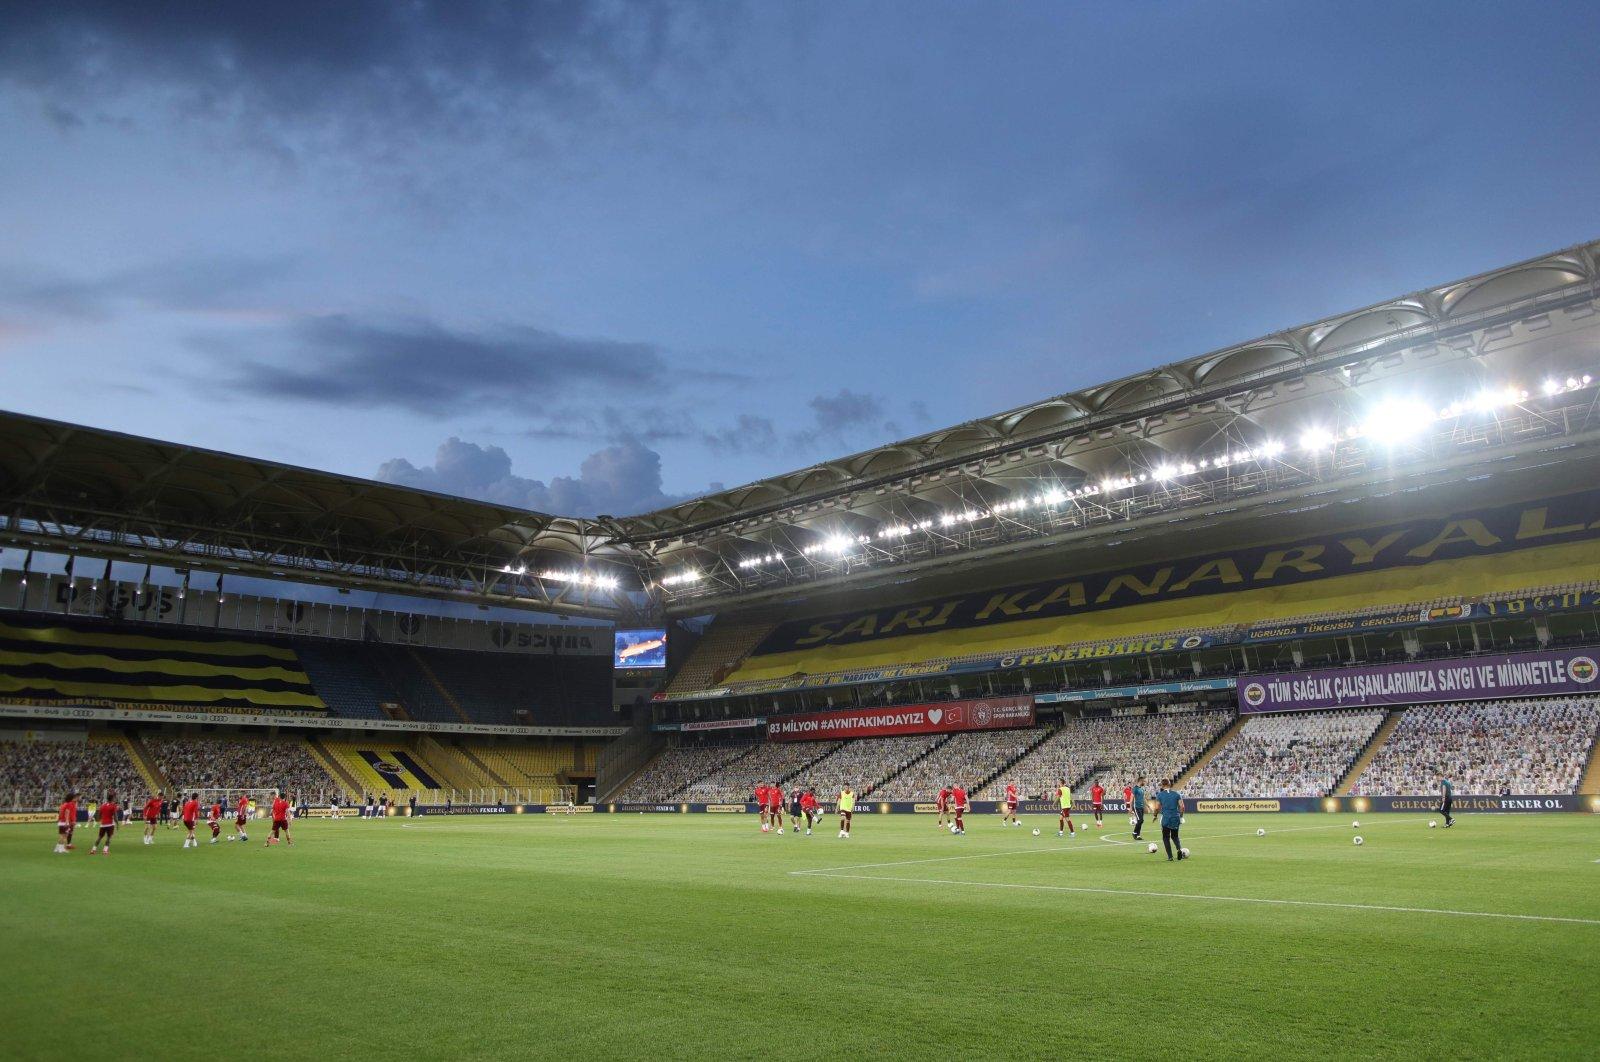 La fédération turque autorise un nombre limité de supporters aux matchs de football